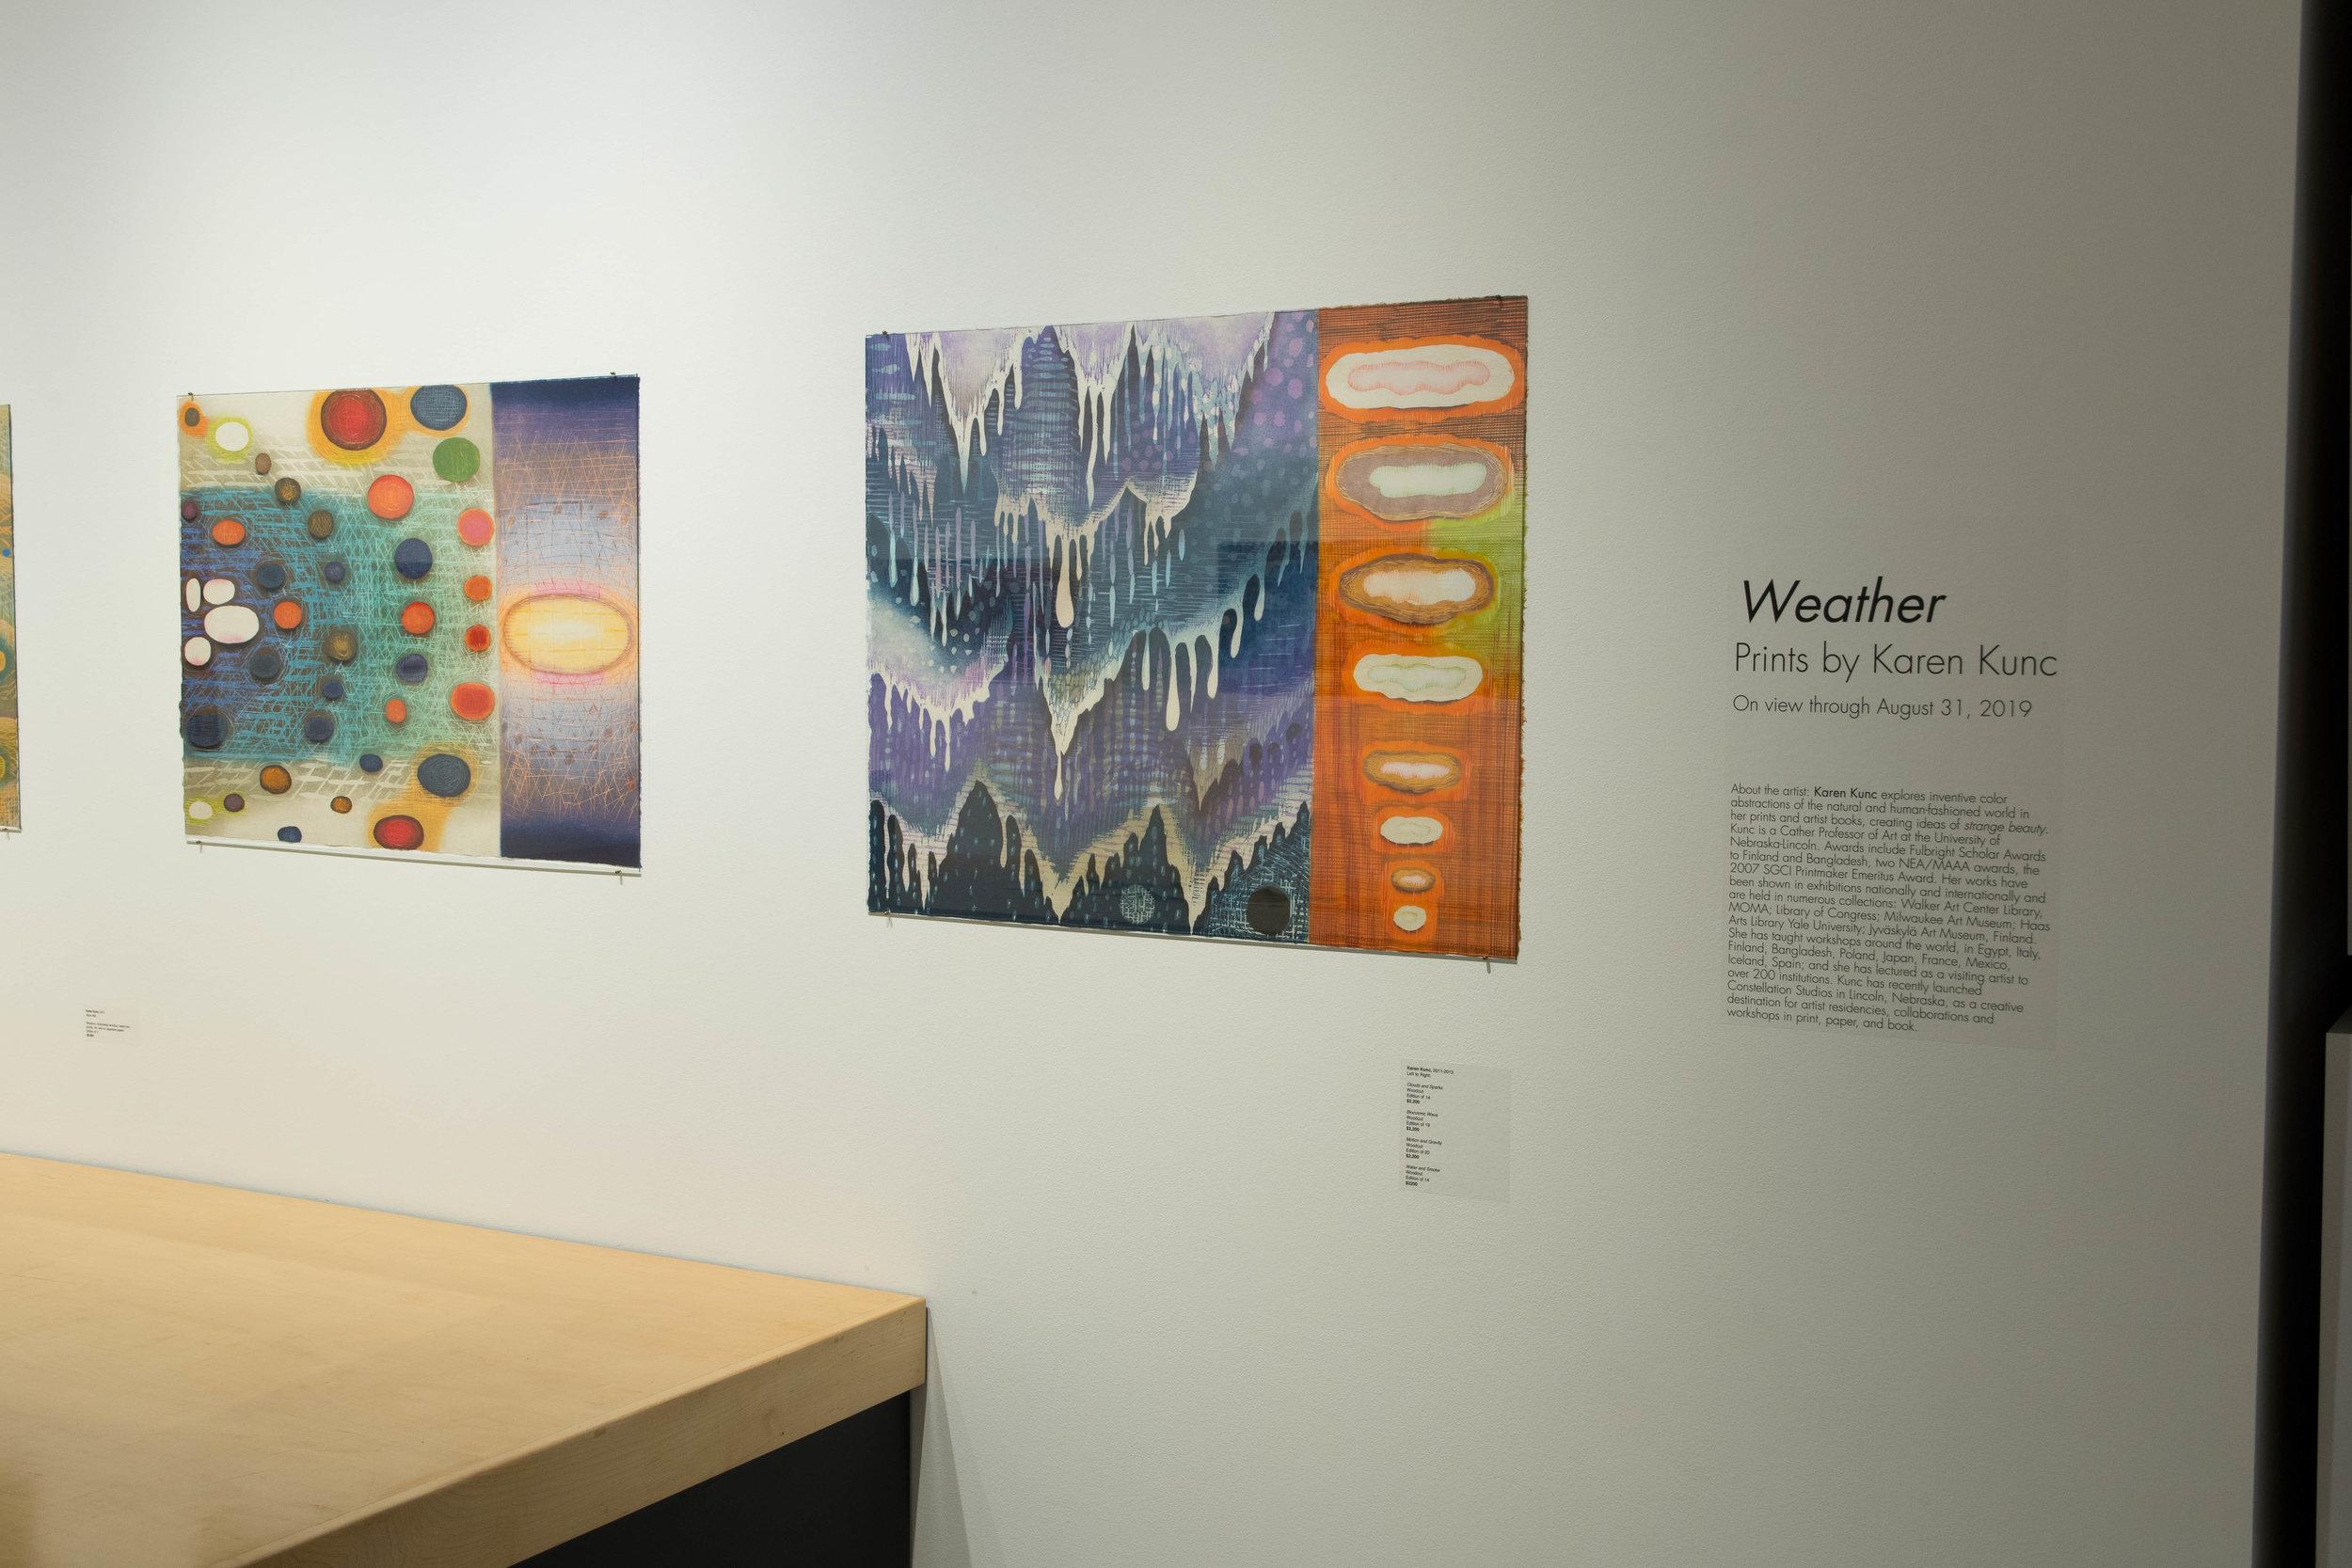 Highpoint ExhibitWeather by Karen Kunc190815a0036.JPG